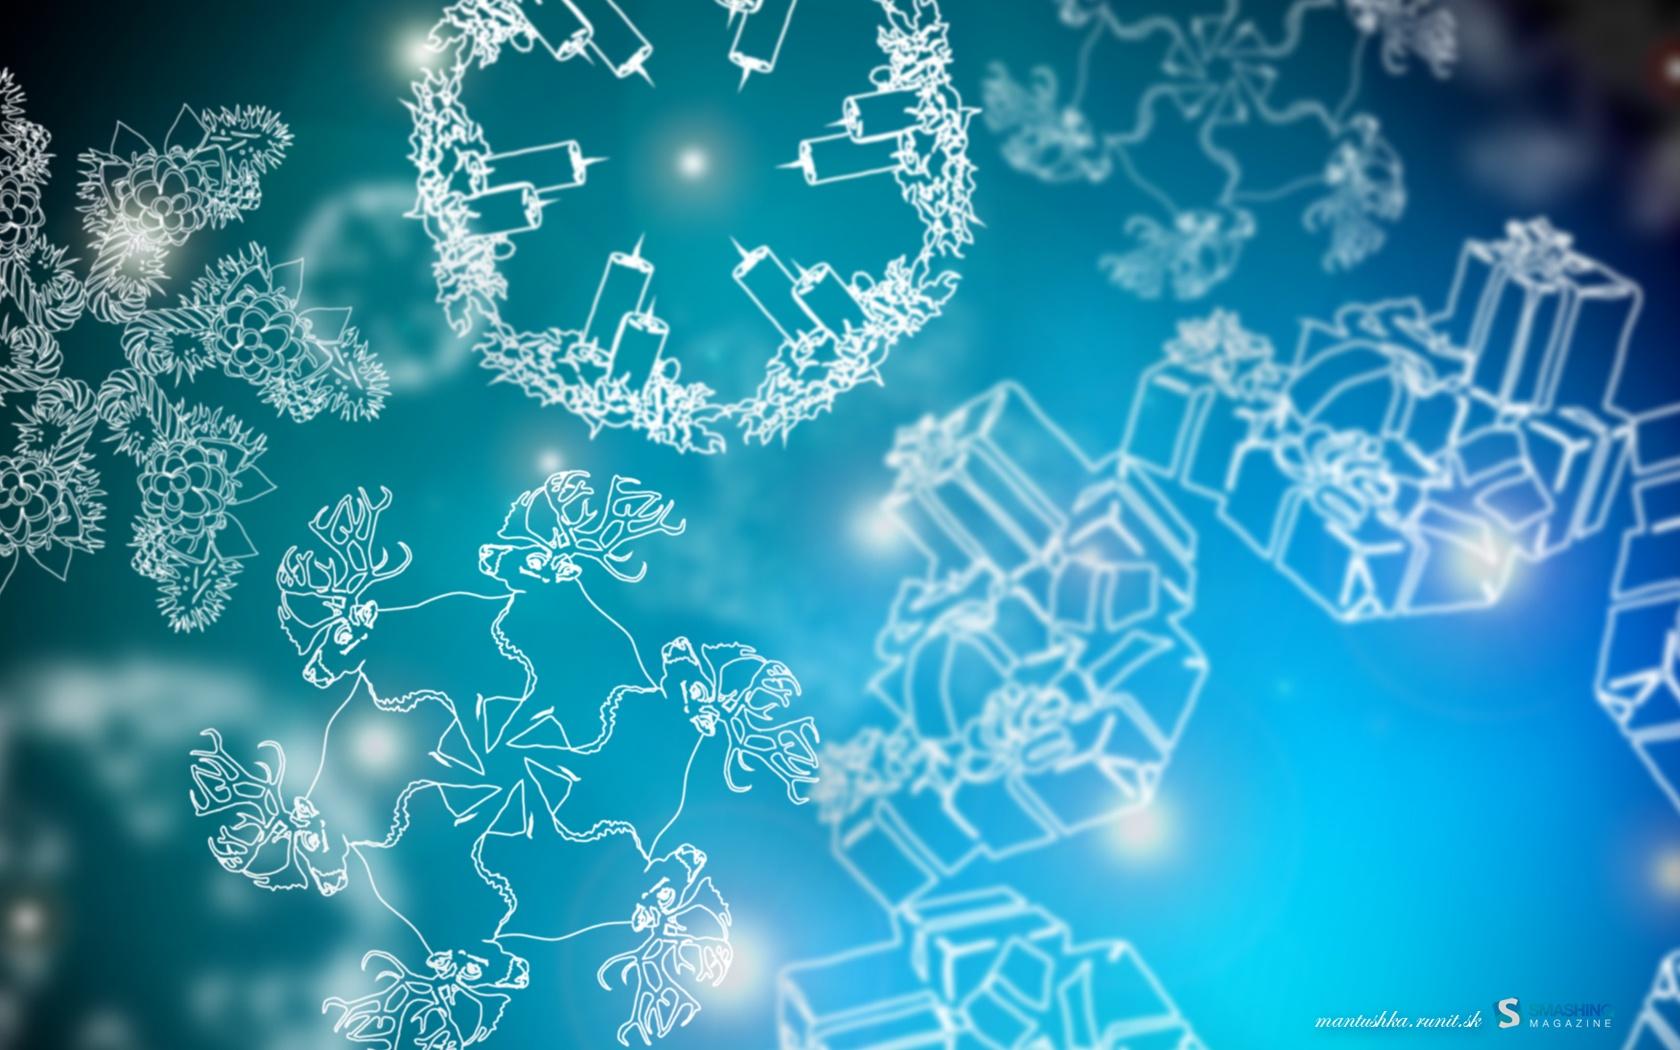 Christmas snowflakes-1680x1050